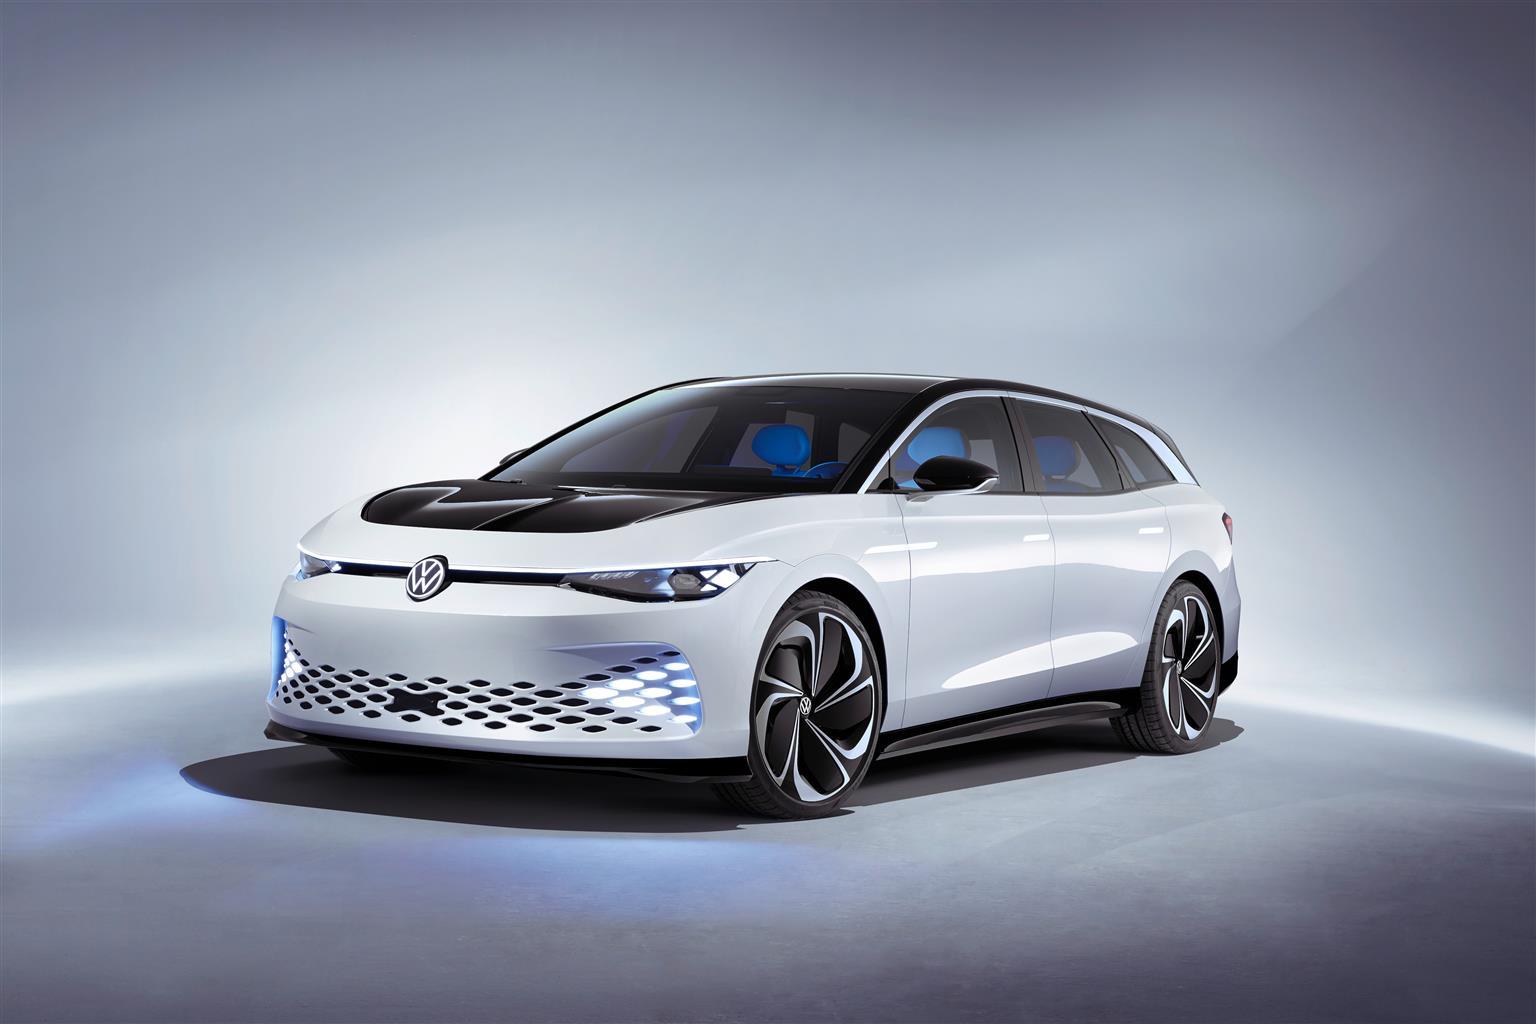 Volkswagen, anteprima mondiale per la concept car ID. SPACE VIZZION all'Autoshow LA